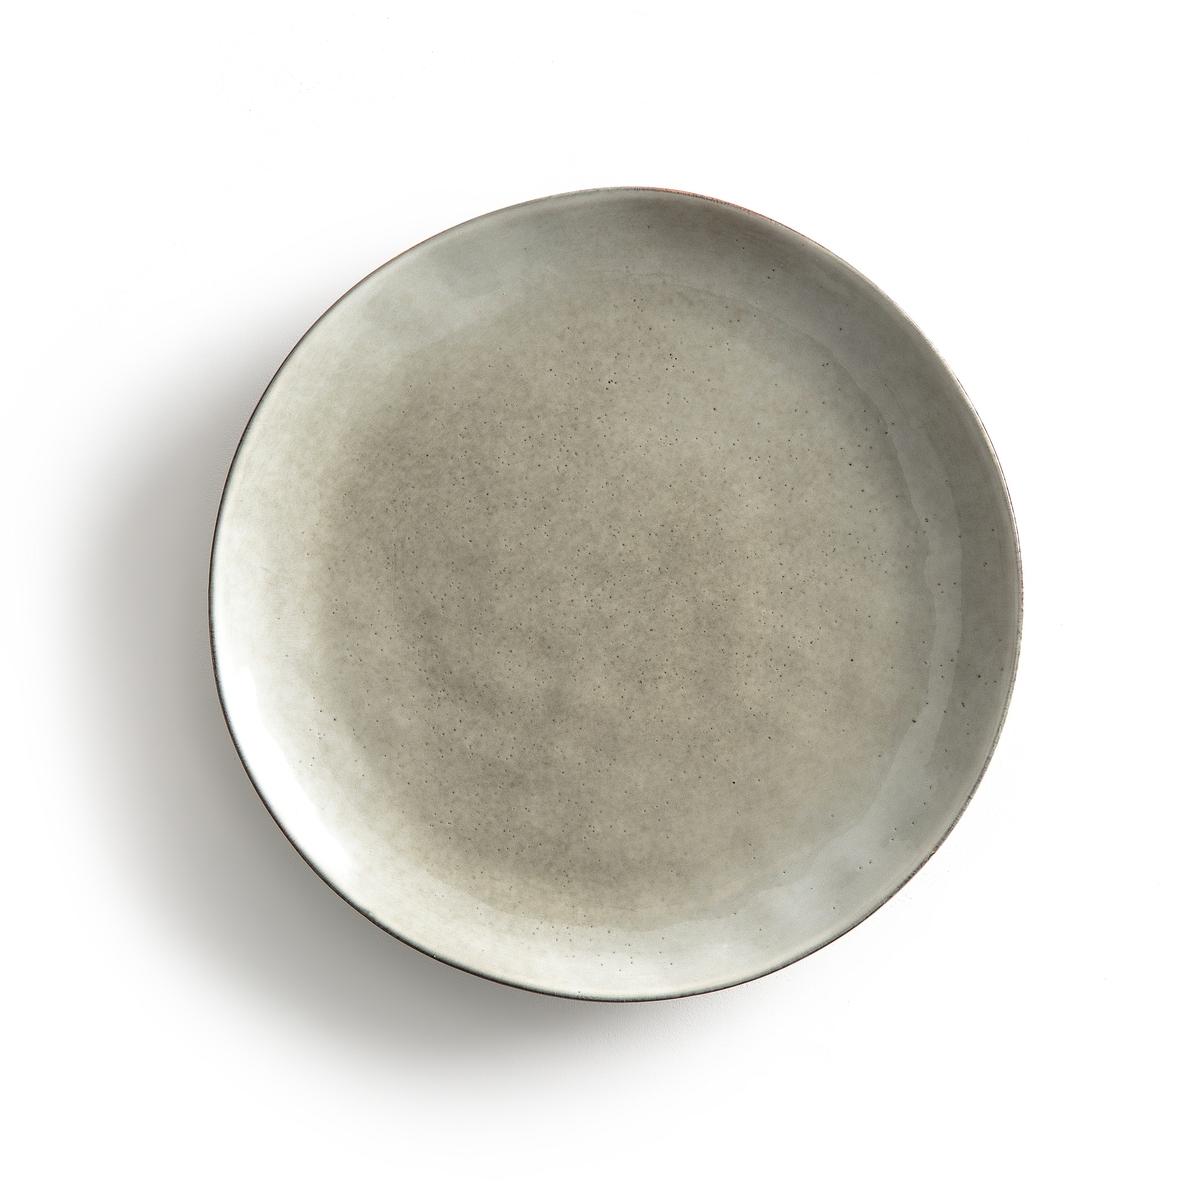 4 тарелки плоские из керамики Horciag